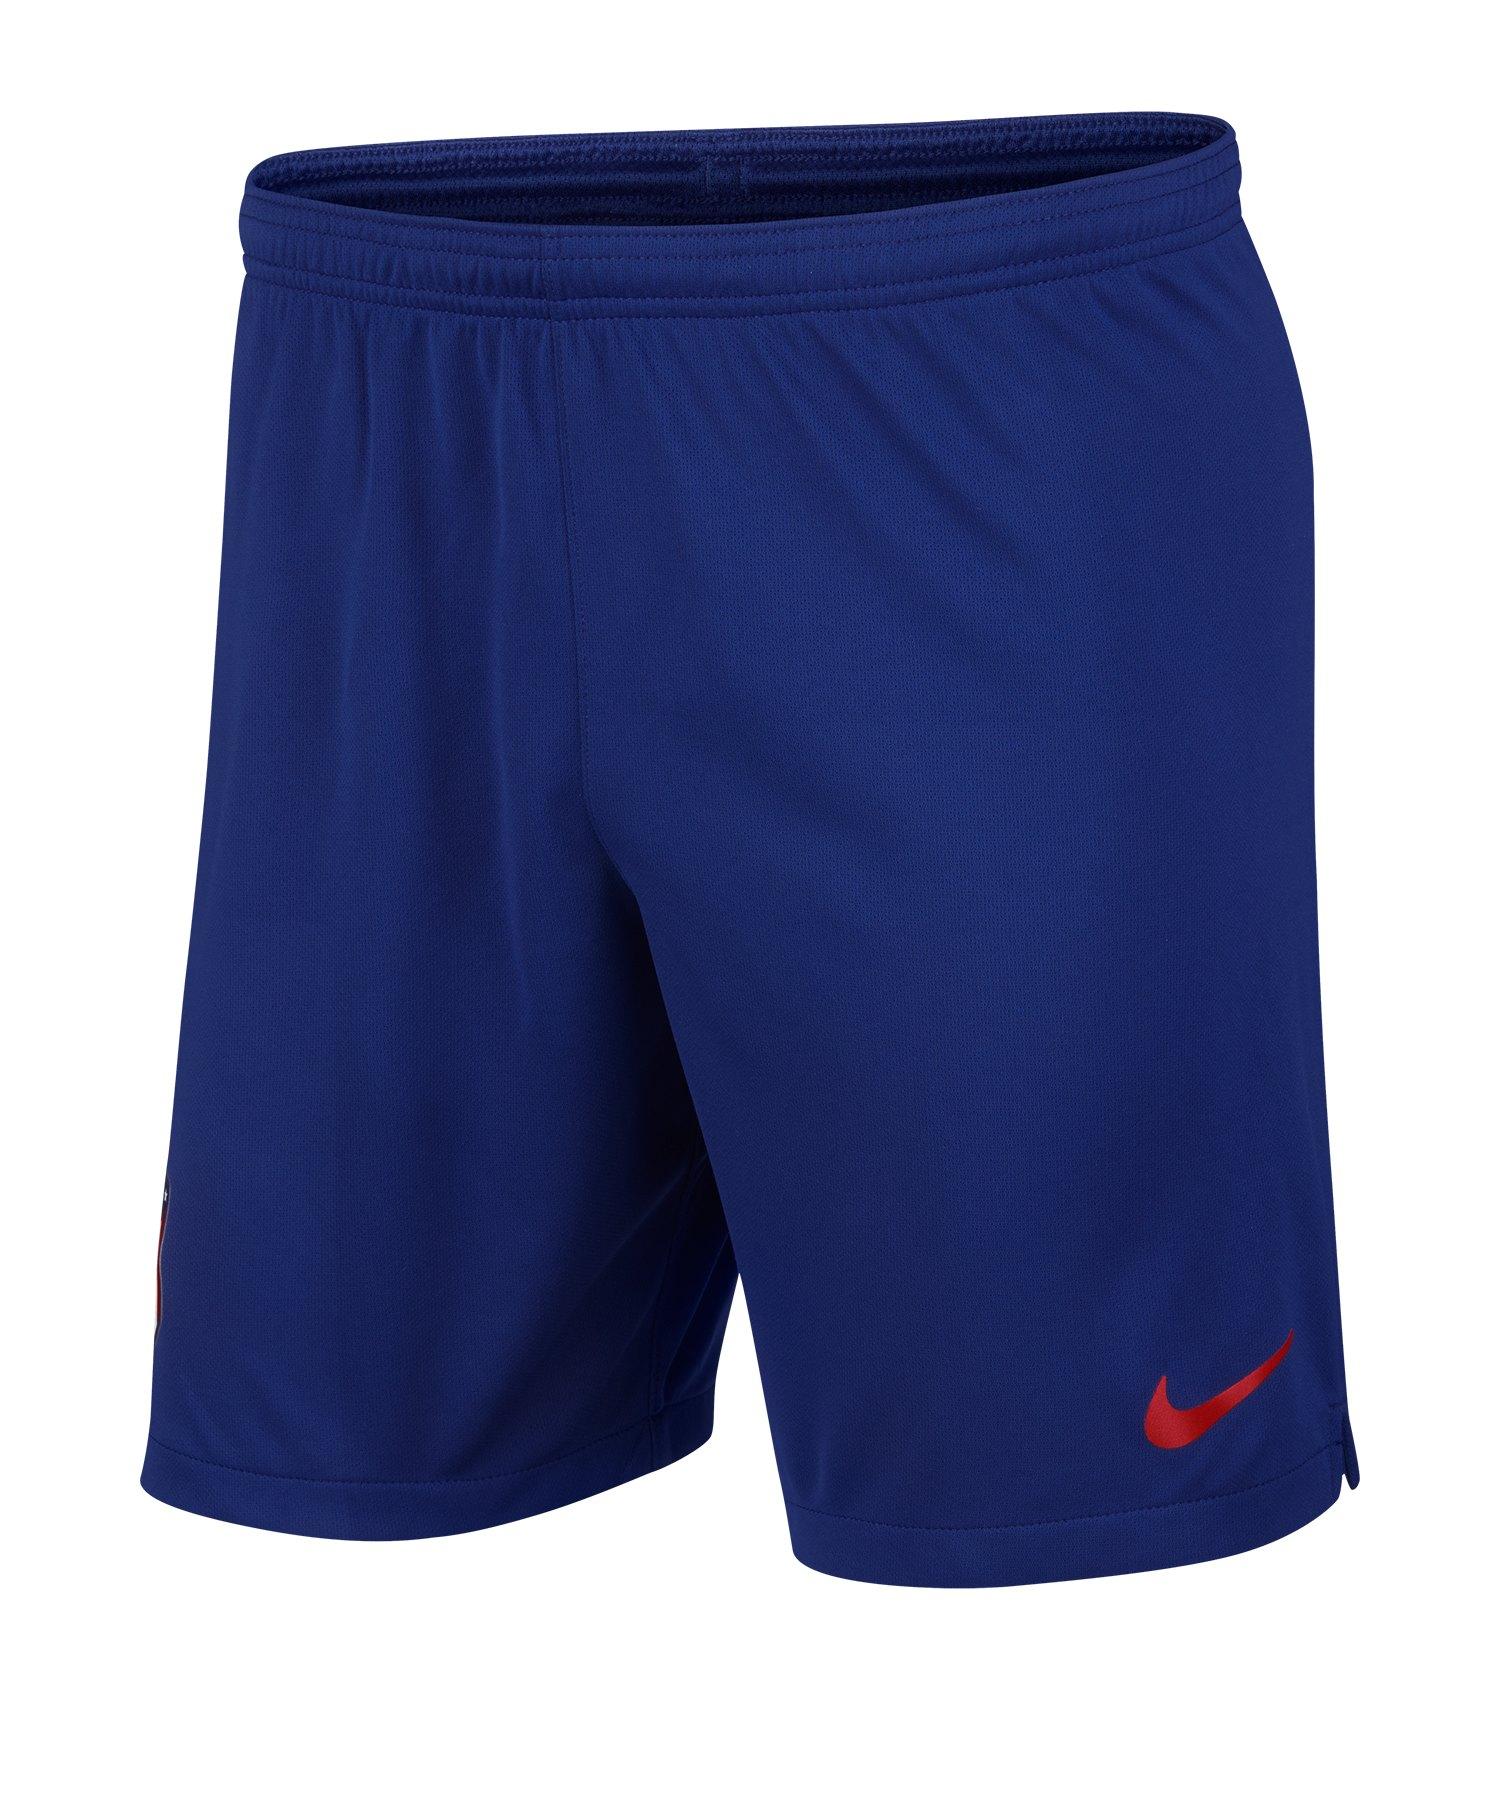 Nike Atletico Madrid Short Home 2019/2020 F455 - Blau